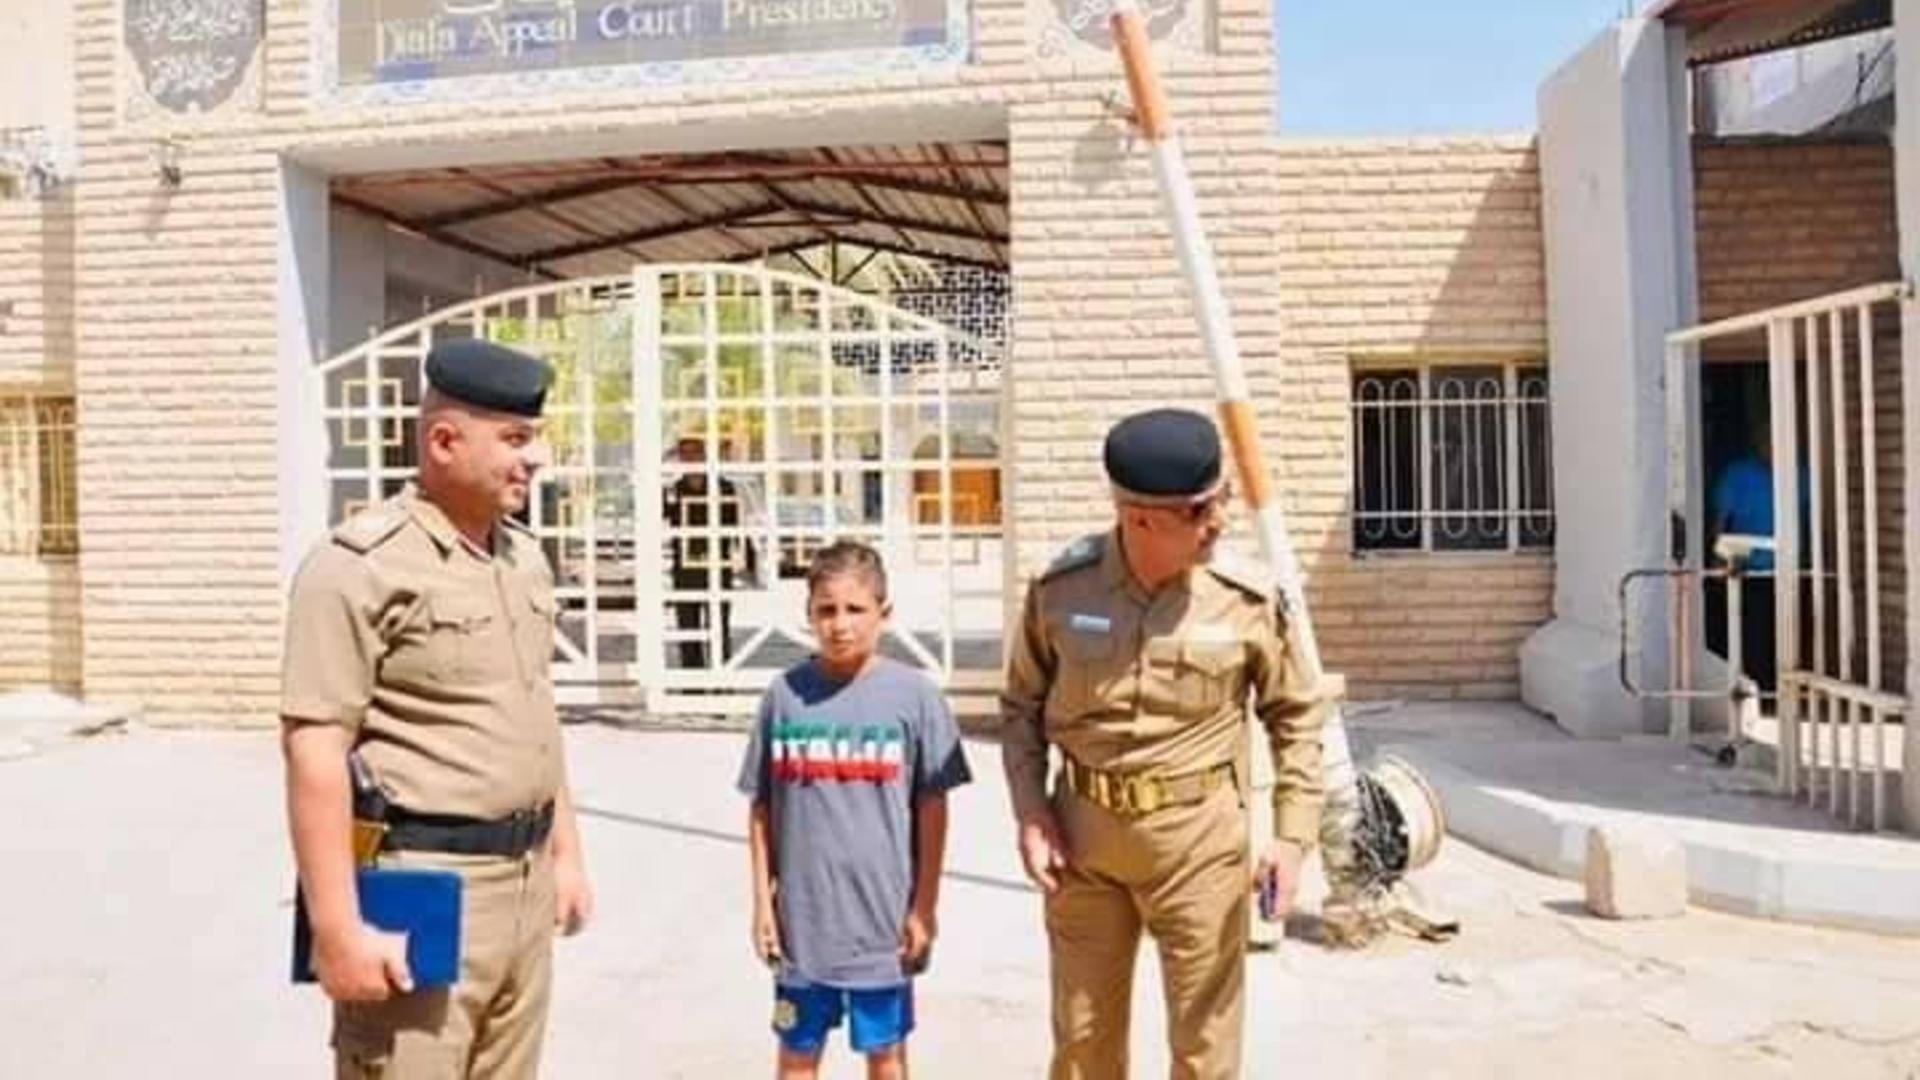 وزير الداخلية يوجه باتخاذ كافة الإجراءات القانونية بحق متهم بتعذيب ابنه